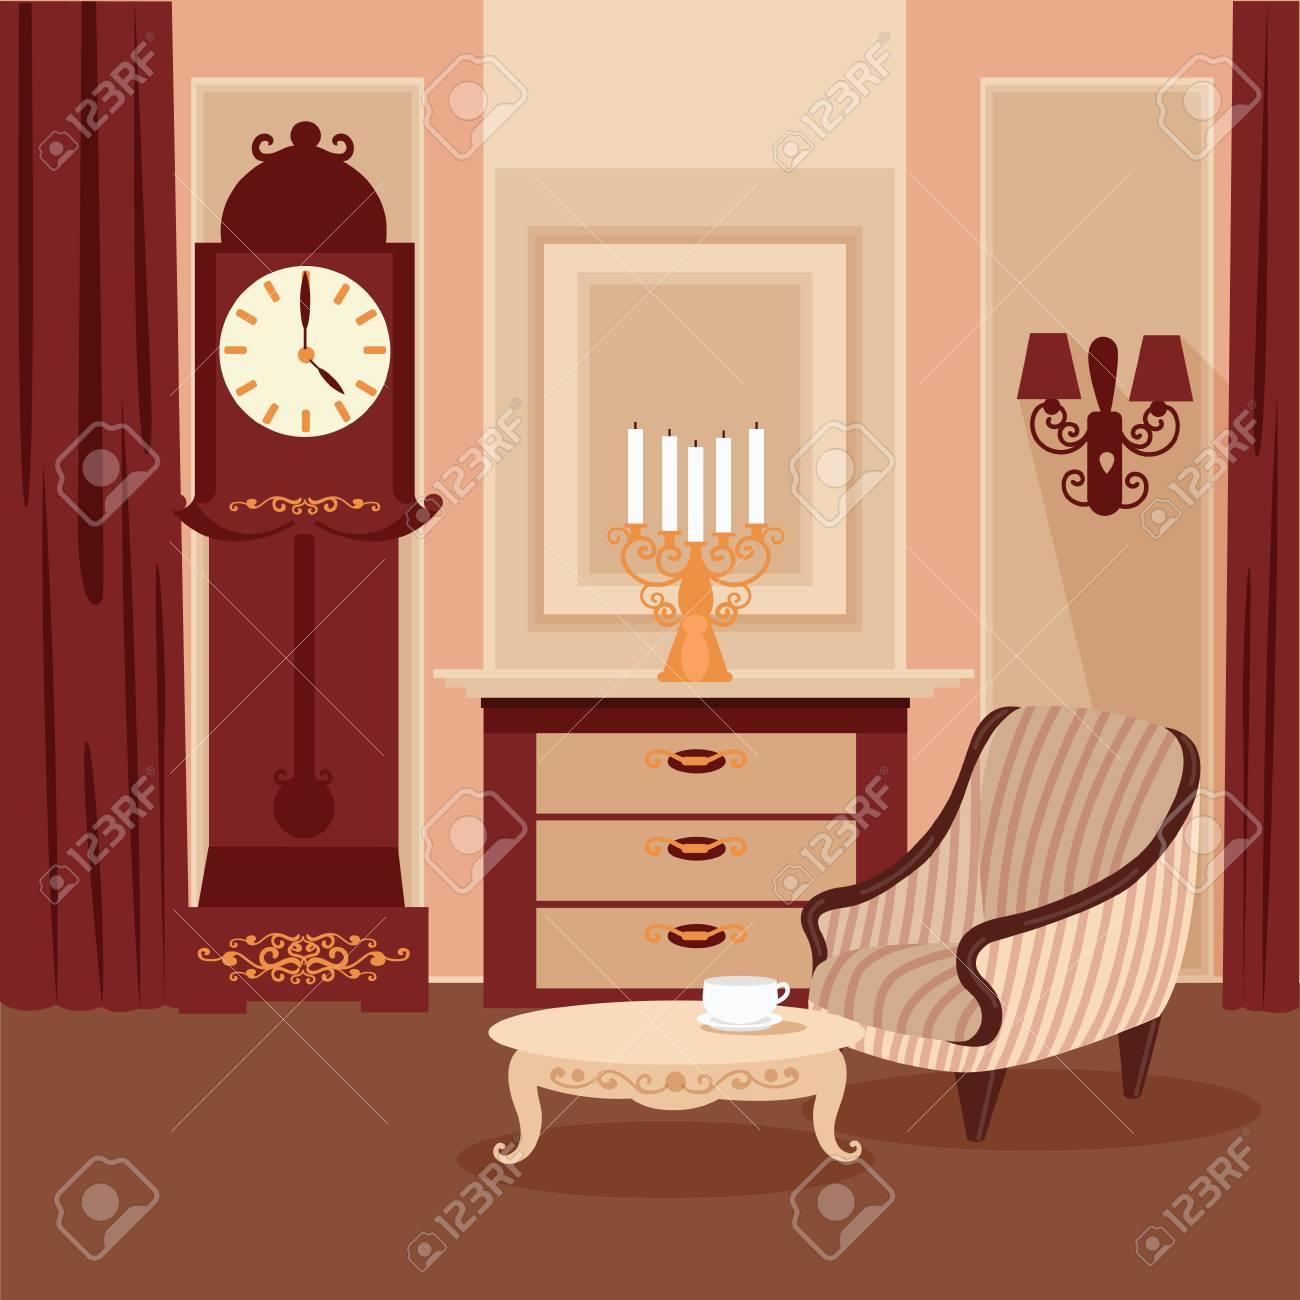 wohnzimmer klassisches interieur vintage stil retro mobel zimmereinrichtung mit vintage